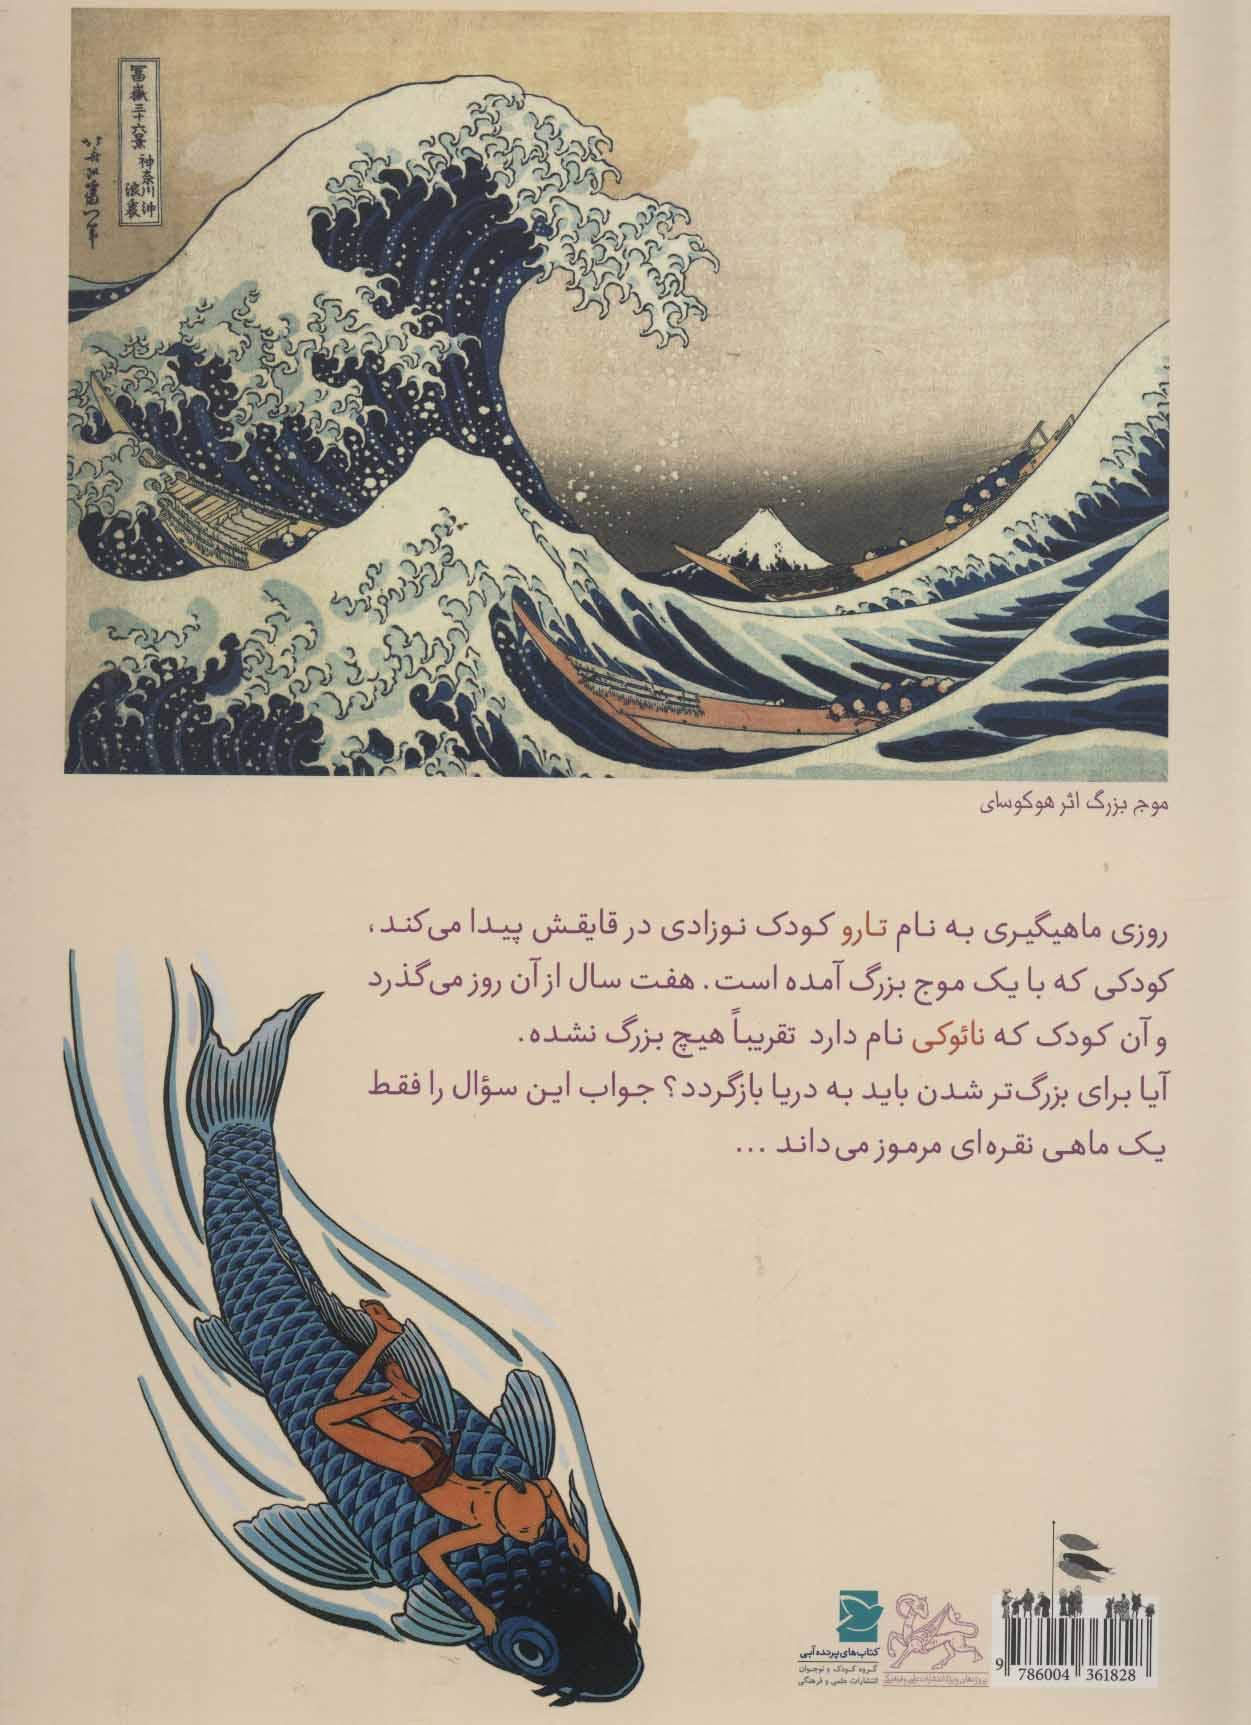 کتابی کوچک با الهام از هنرمندی بزرگ 4 (موج بزرگ)،(گلاسه)